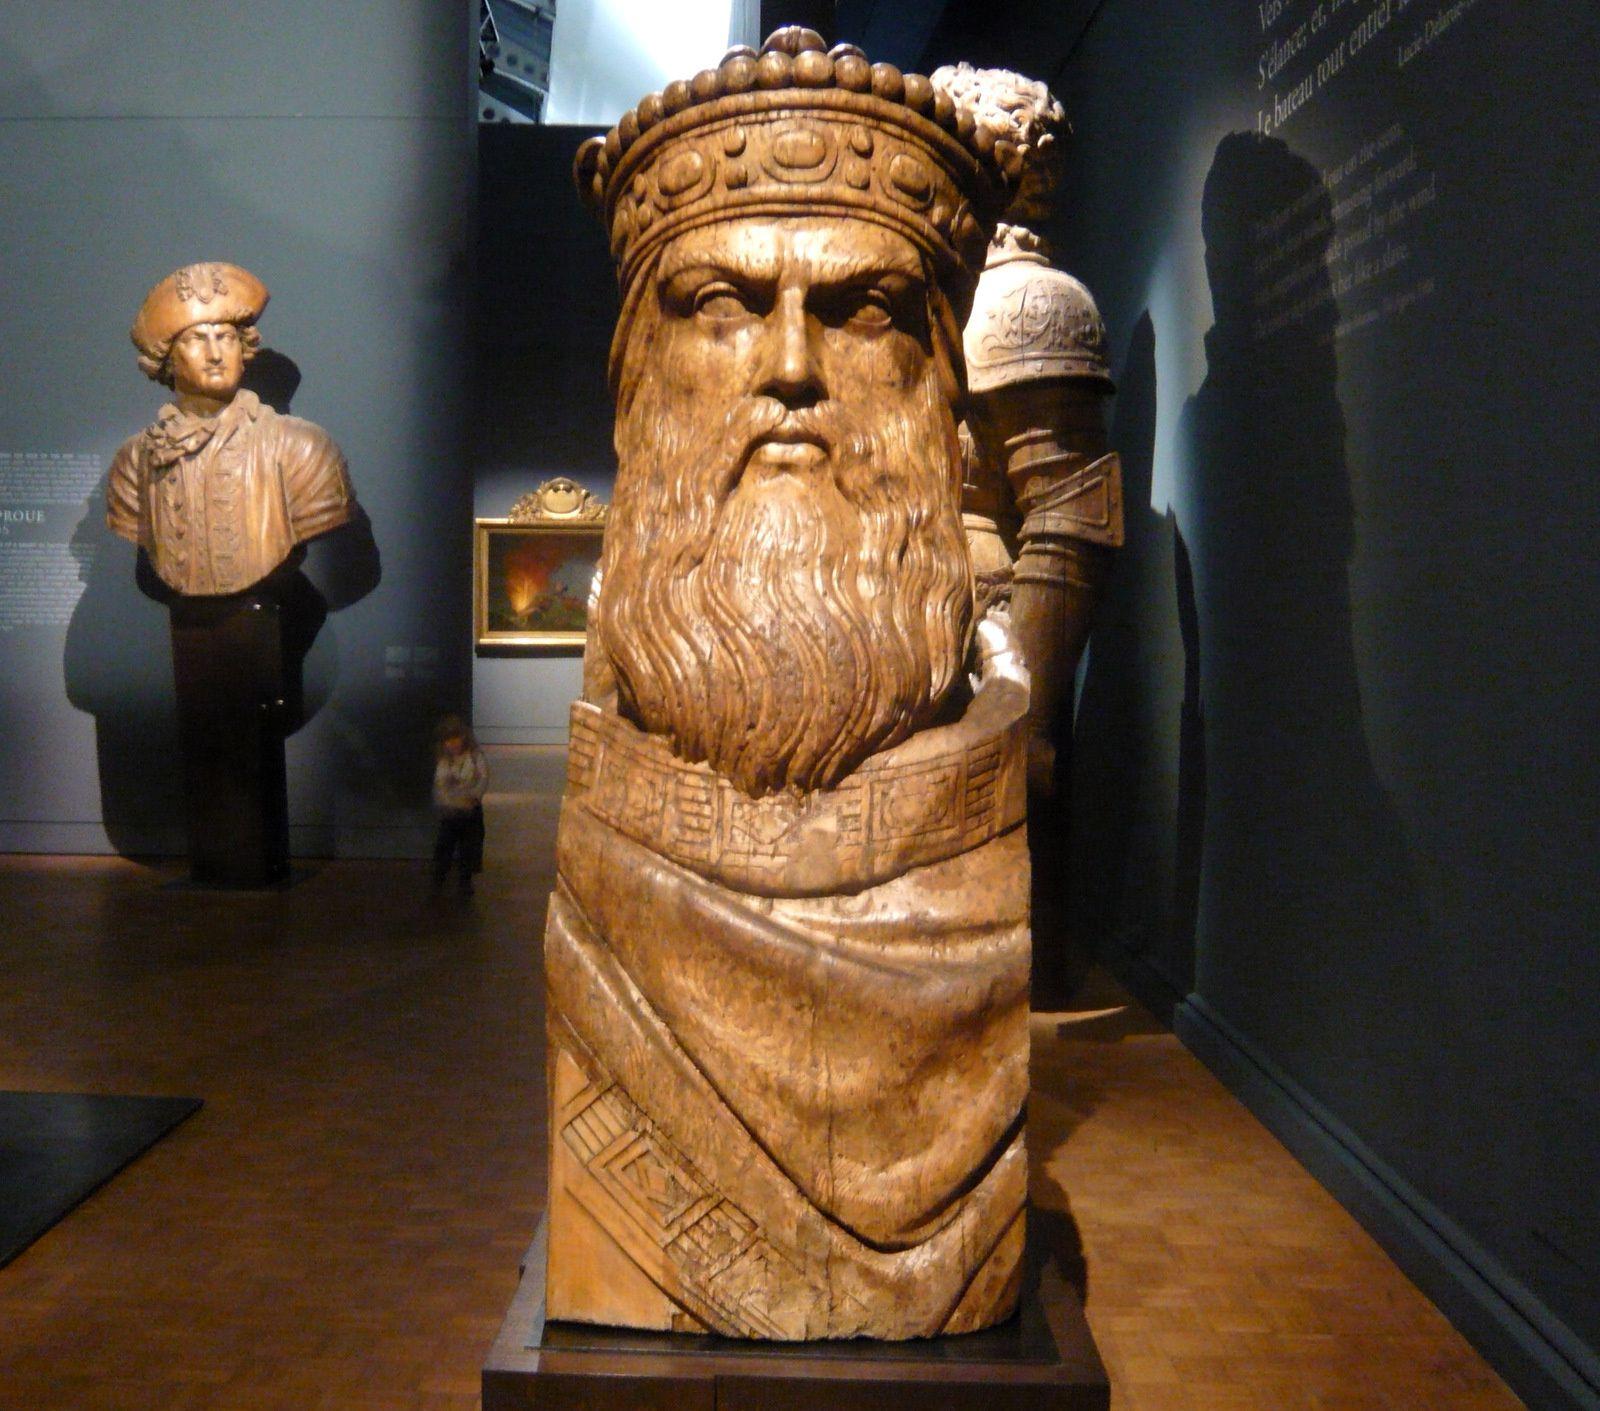 Bustes de Napoléon, Charlemagne, Henry IV et  Duquesne (figures de proue)